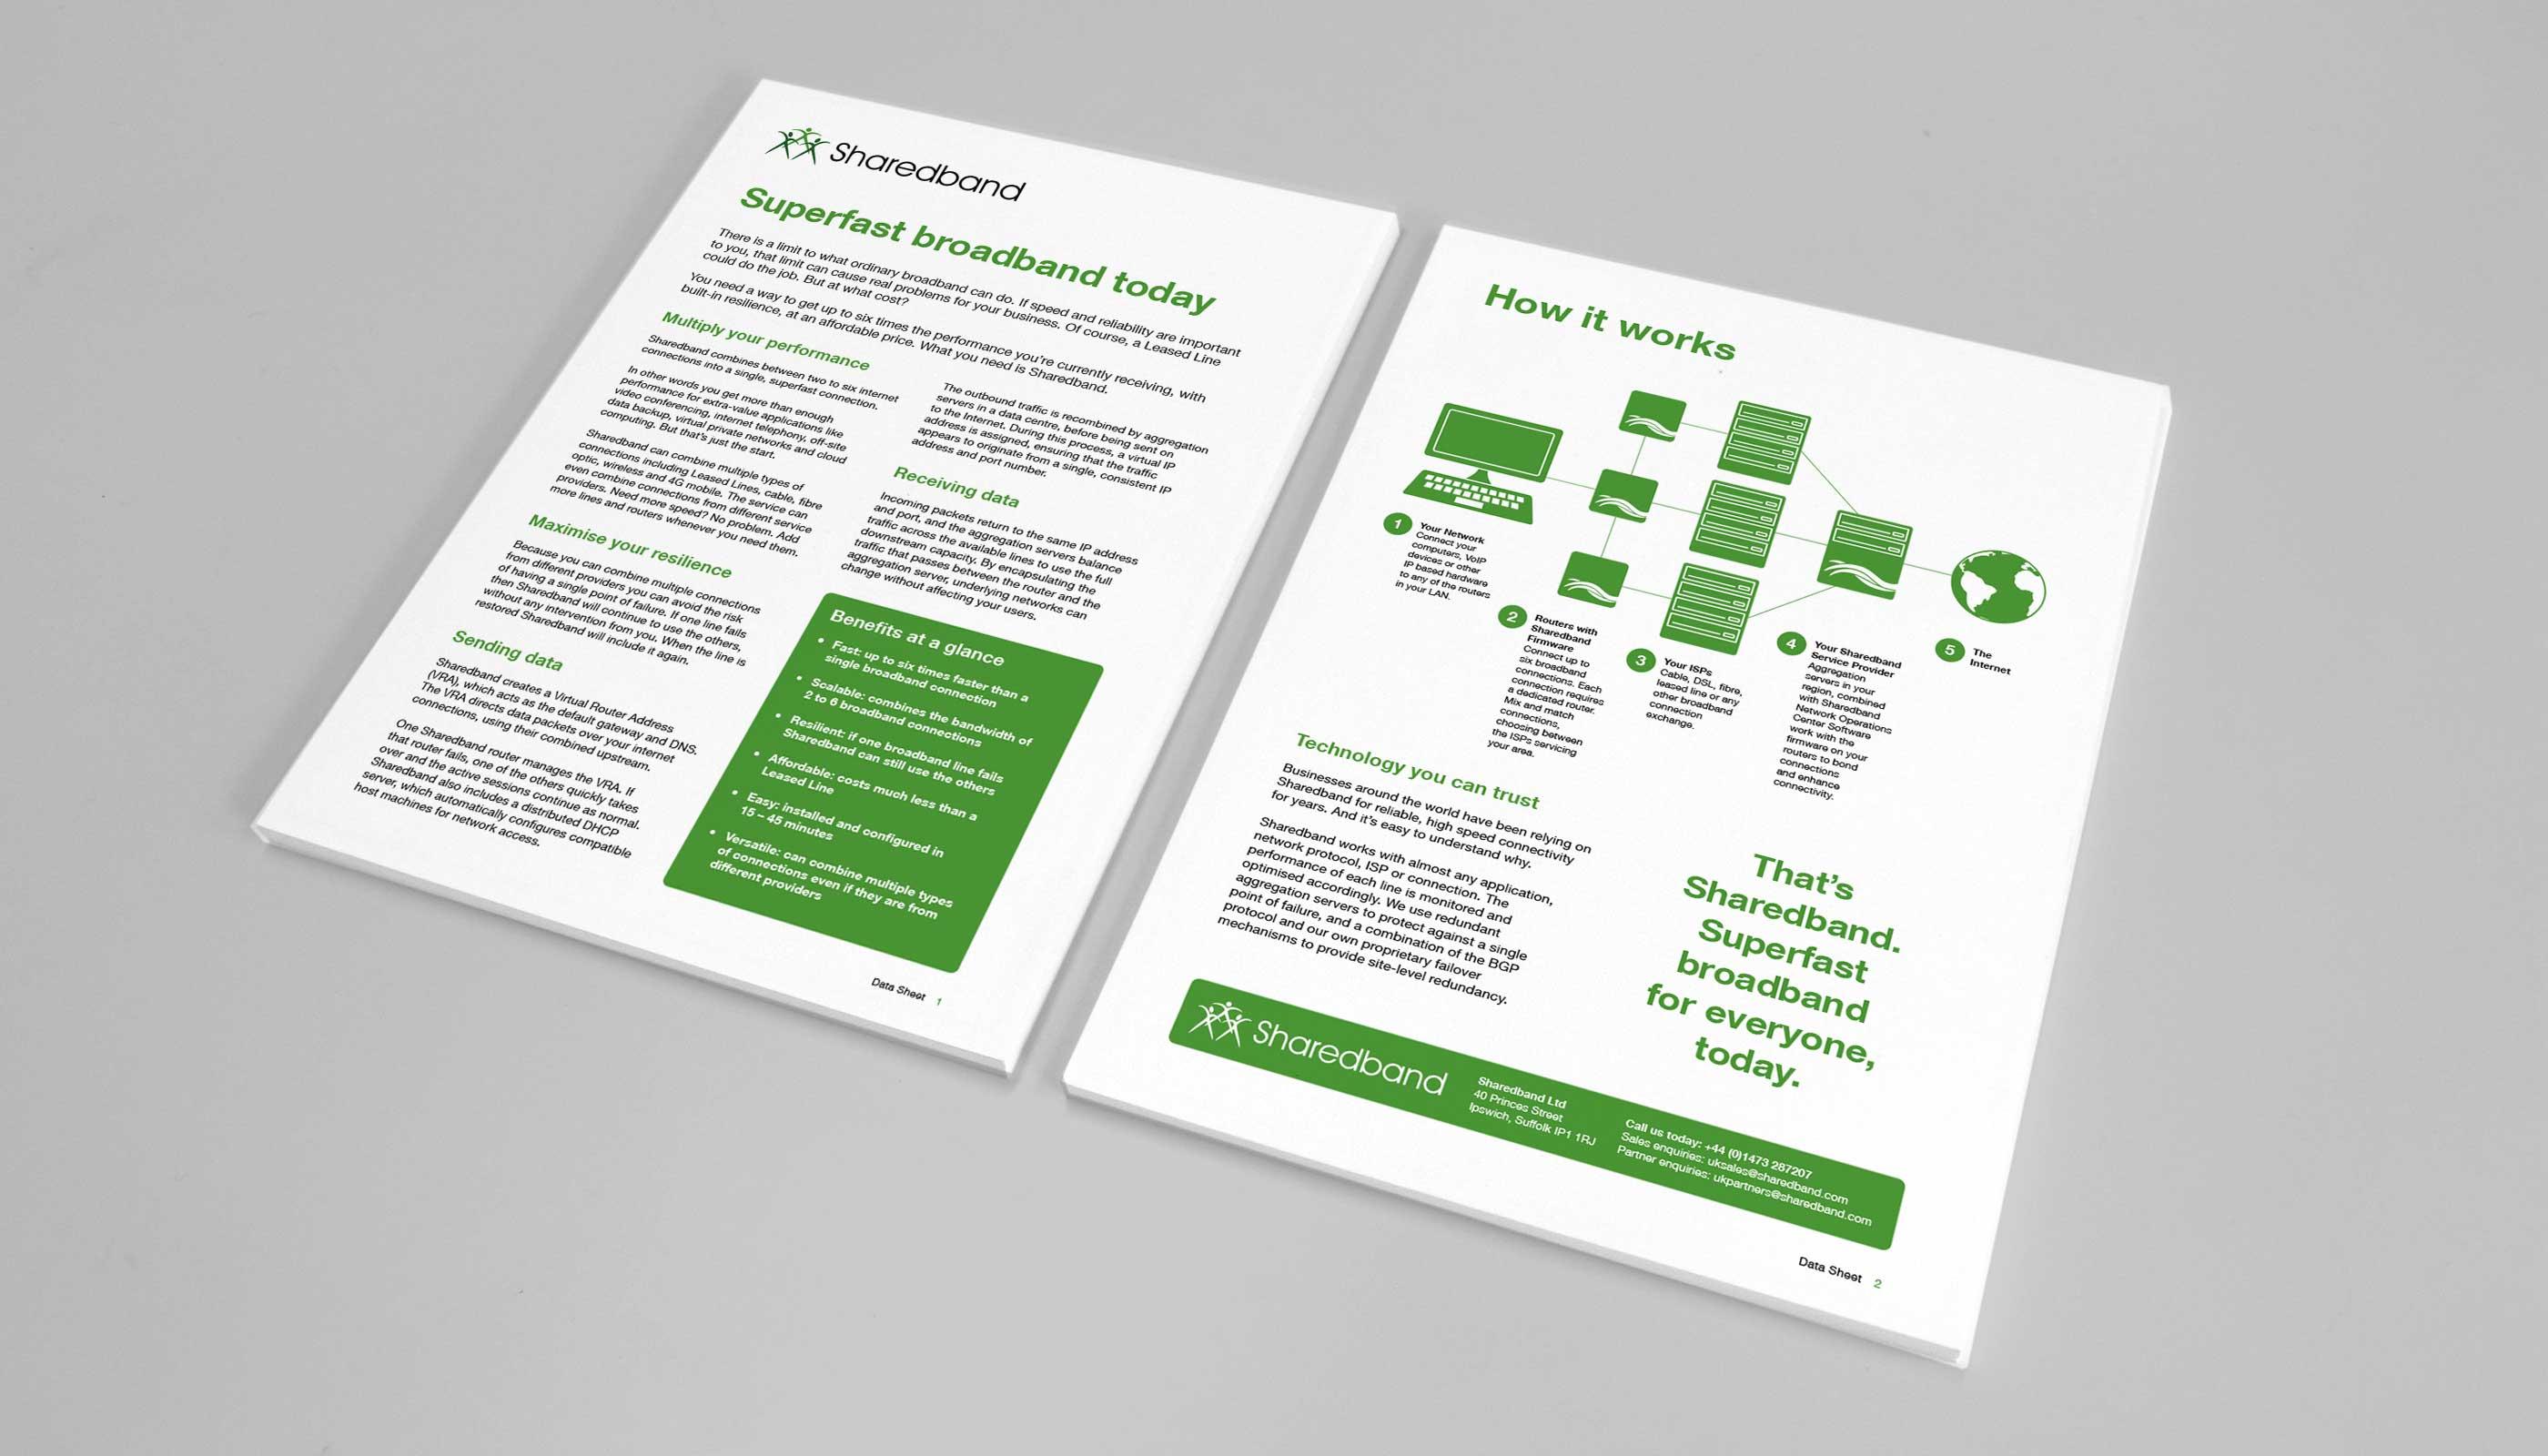 Technical data sheet designs for Sharedband in Ipswich, Suffolk.